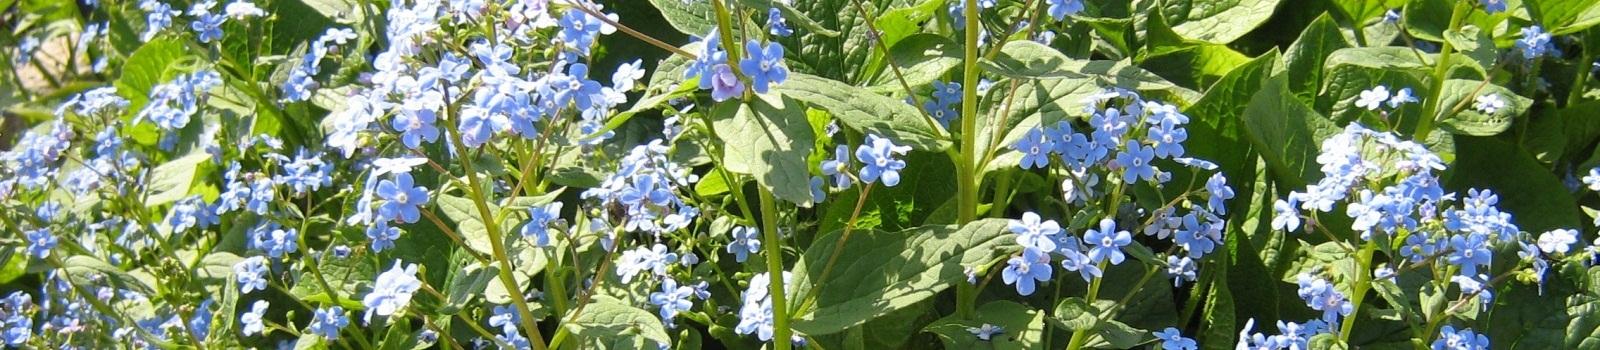 Многолетние цветы для сада и дачи